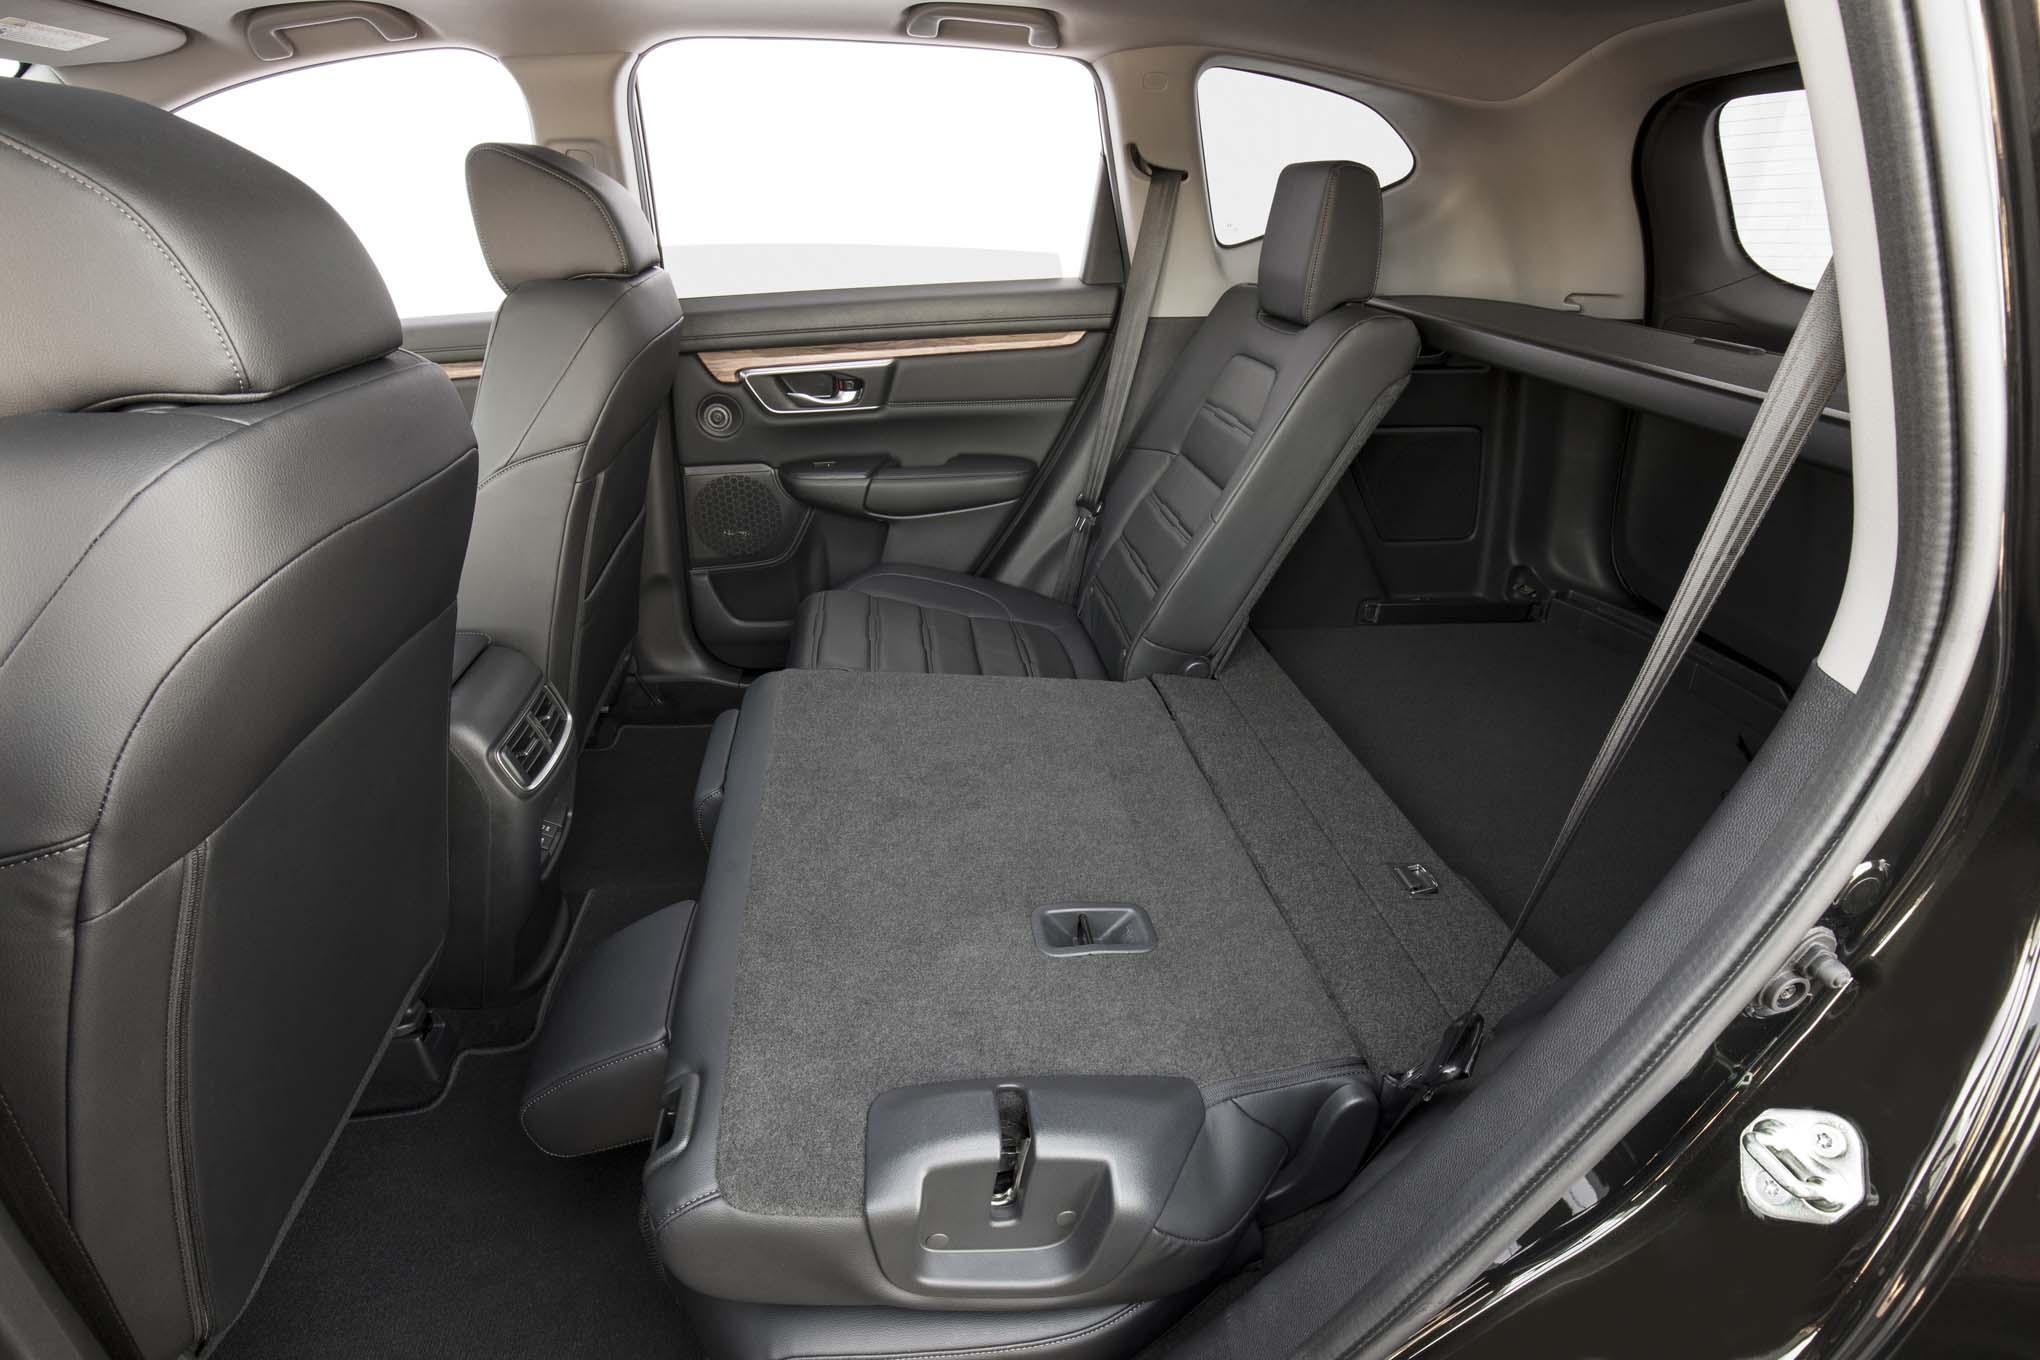 2017 Honda Cr V Rear Seats Folded Down 1 Motor Trend En